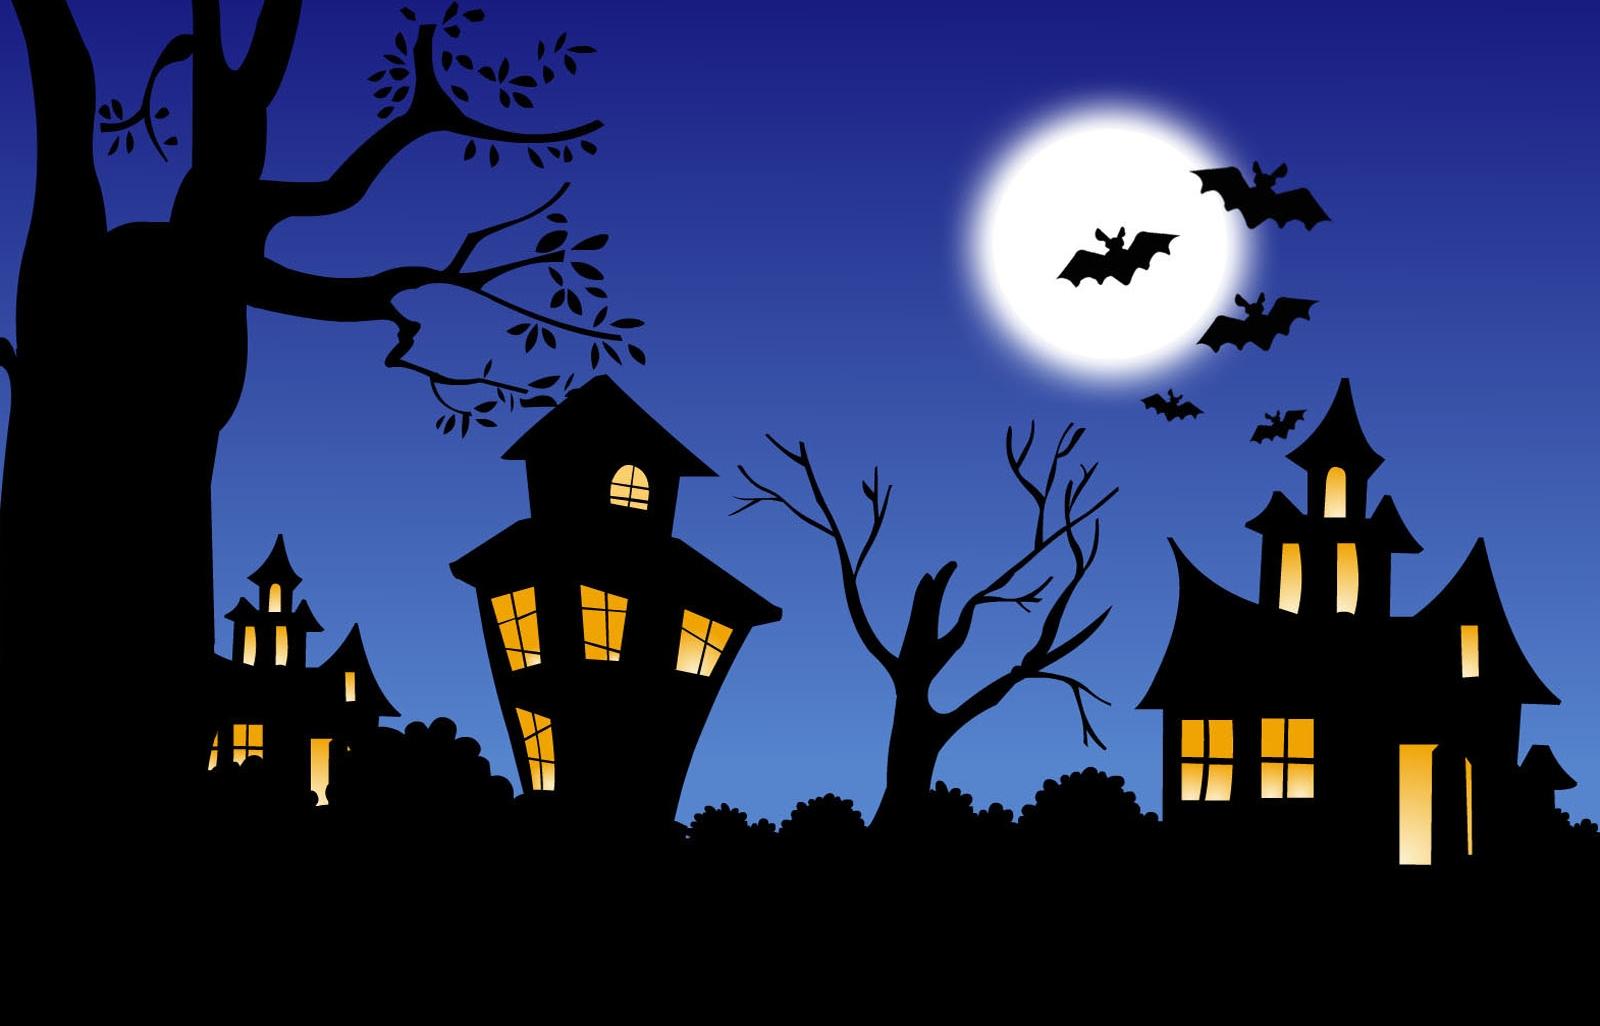 El 31 de Octubre es la Fecha Principal del Calendario de la Brujería ¡Cuidado!